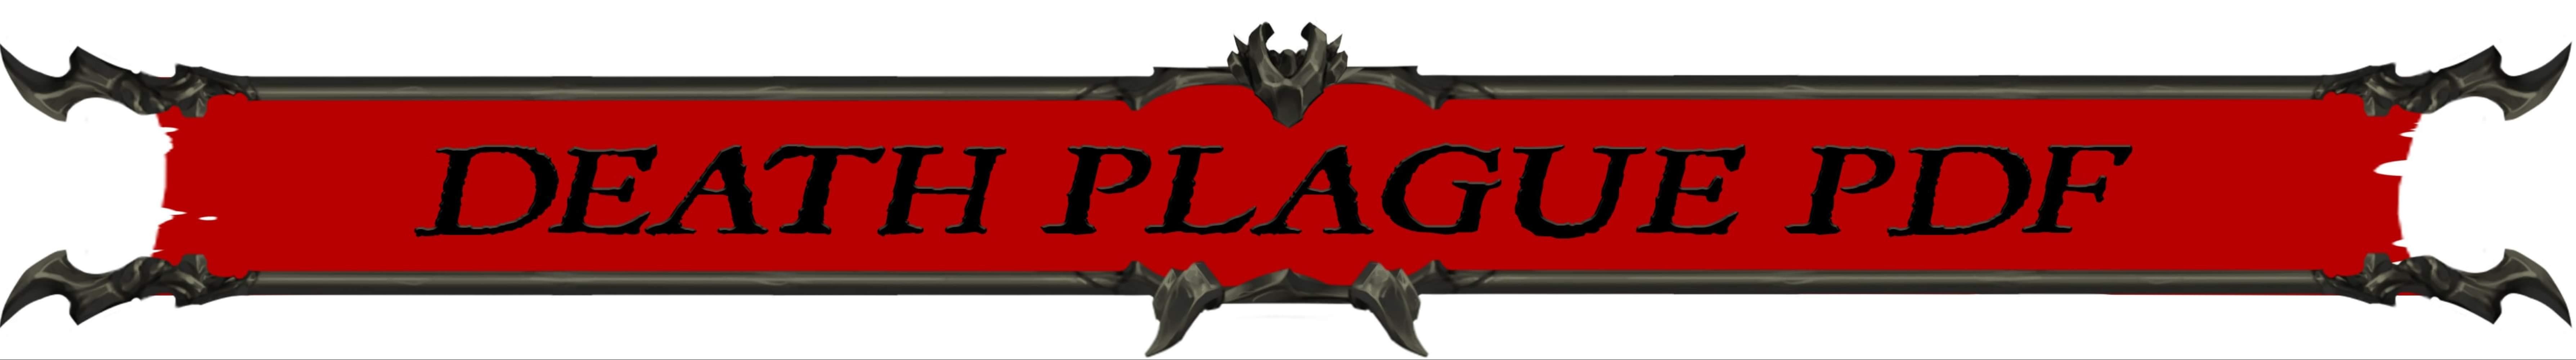 DEATH-PLAGUE-TITLE